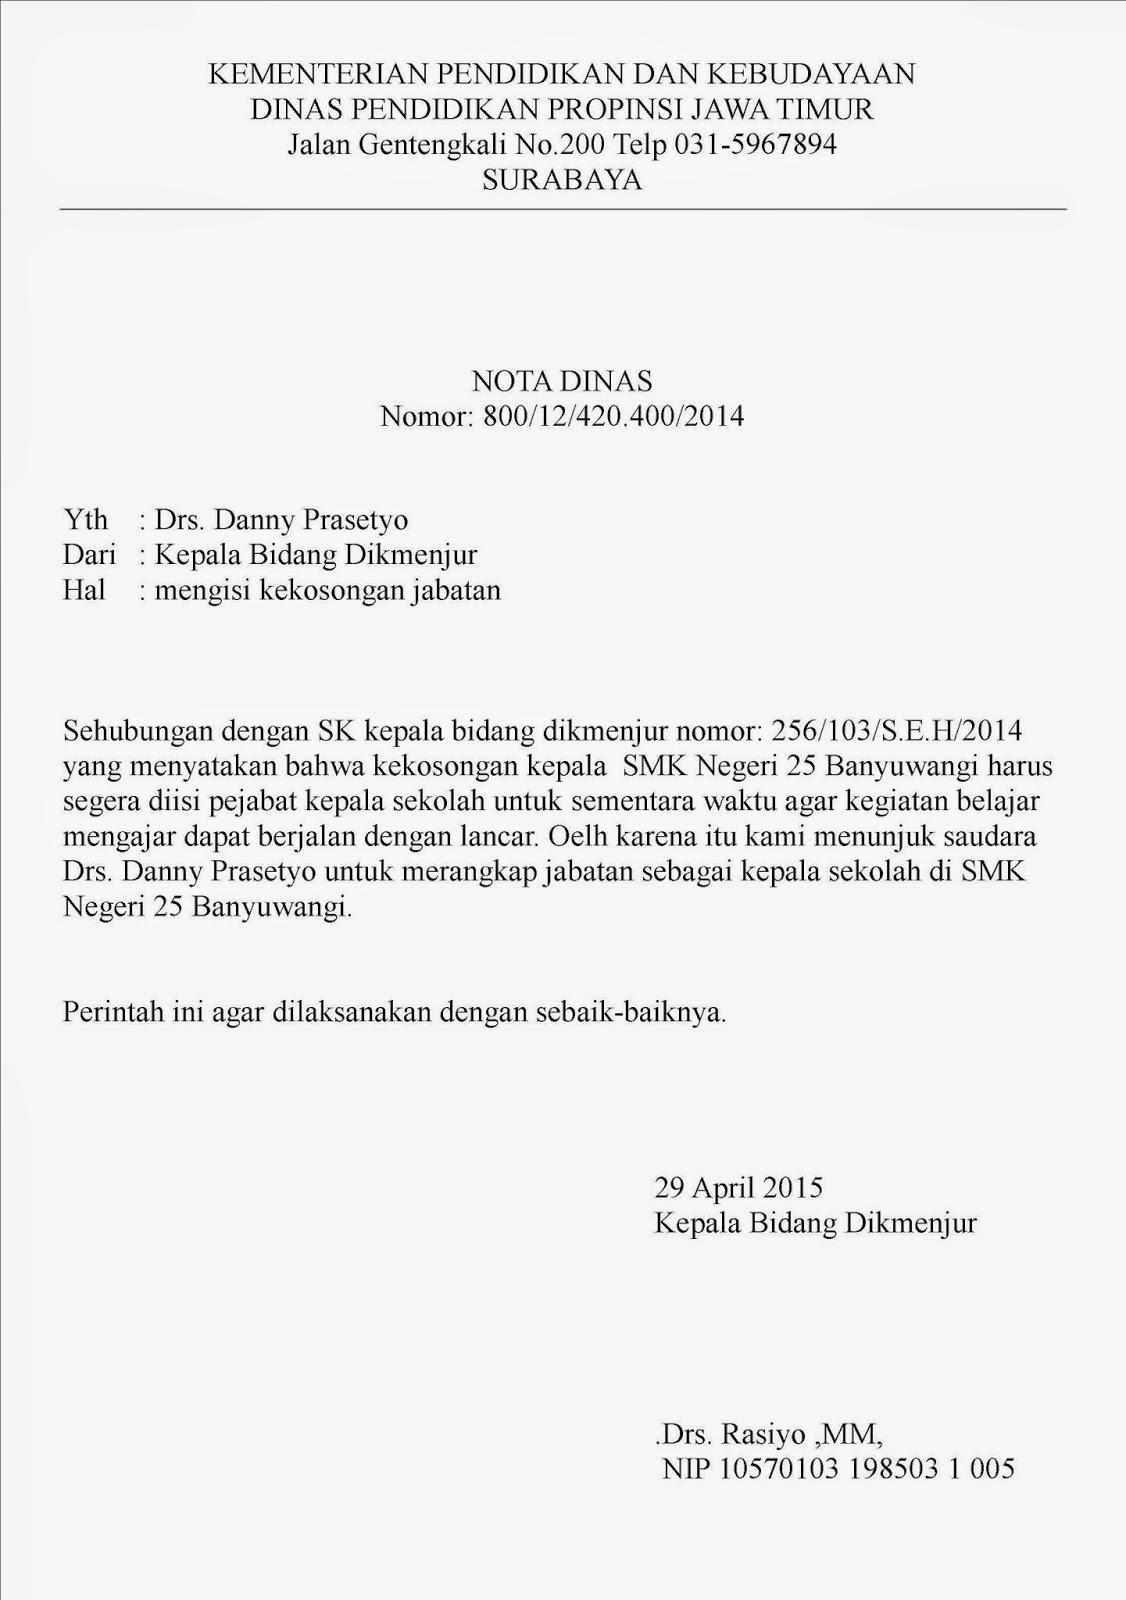 Contoh Surat Nota Dinas Informasi Seputar Dunia Militer